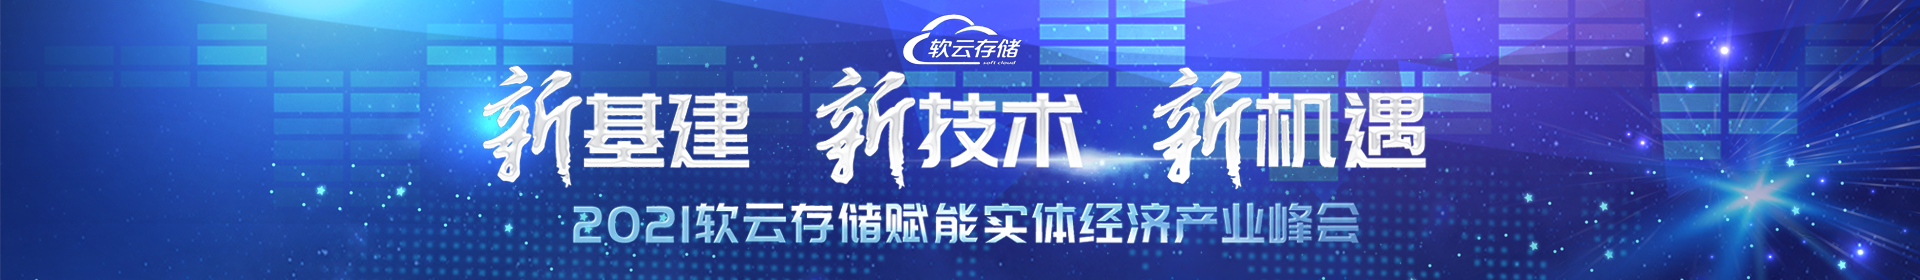 """""""新基建,新技术,新机遇""""2021软云存储赋能实体经济产业峰会"""